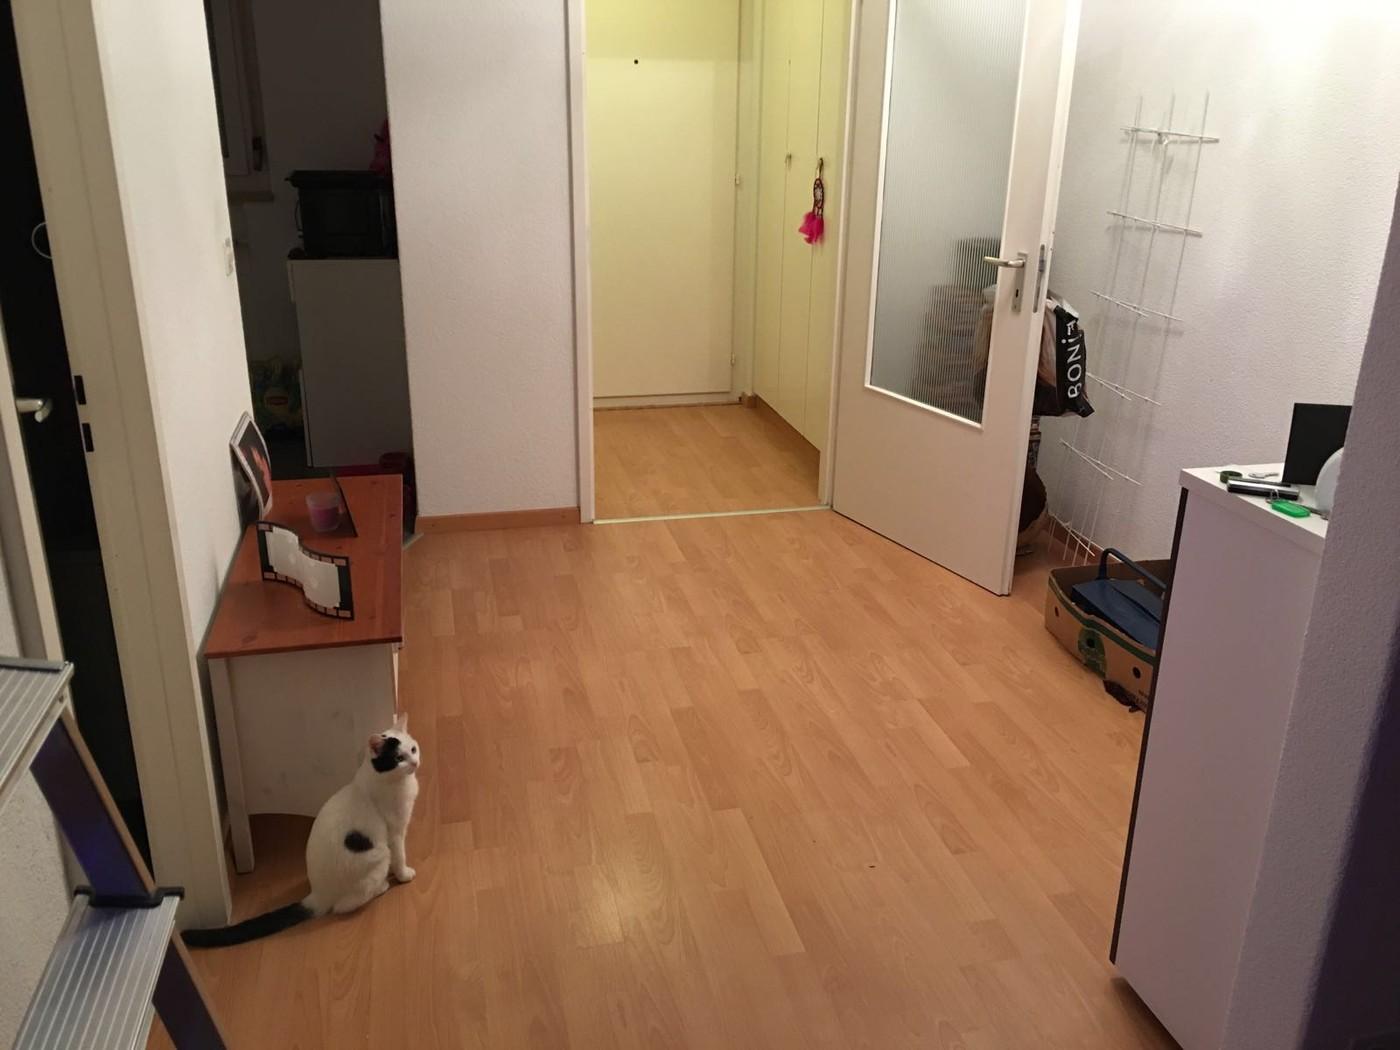 2 zimmer wohnung in lengnau mieten flatfox for Wohnung in mieten